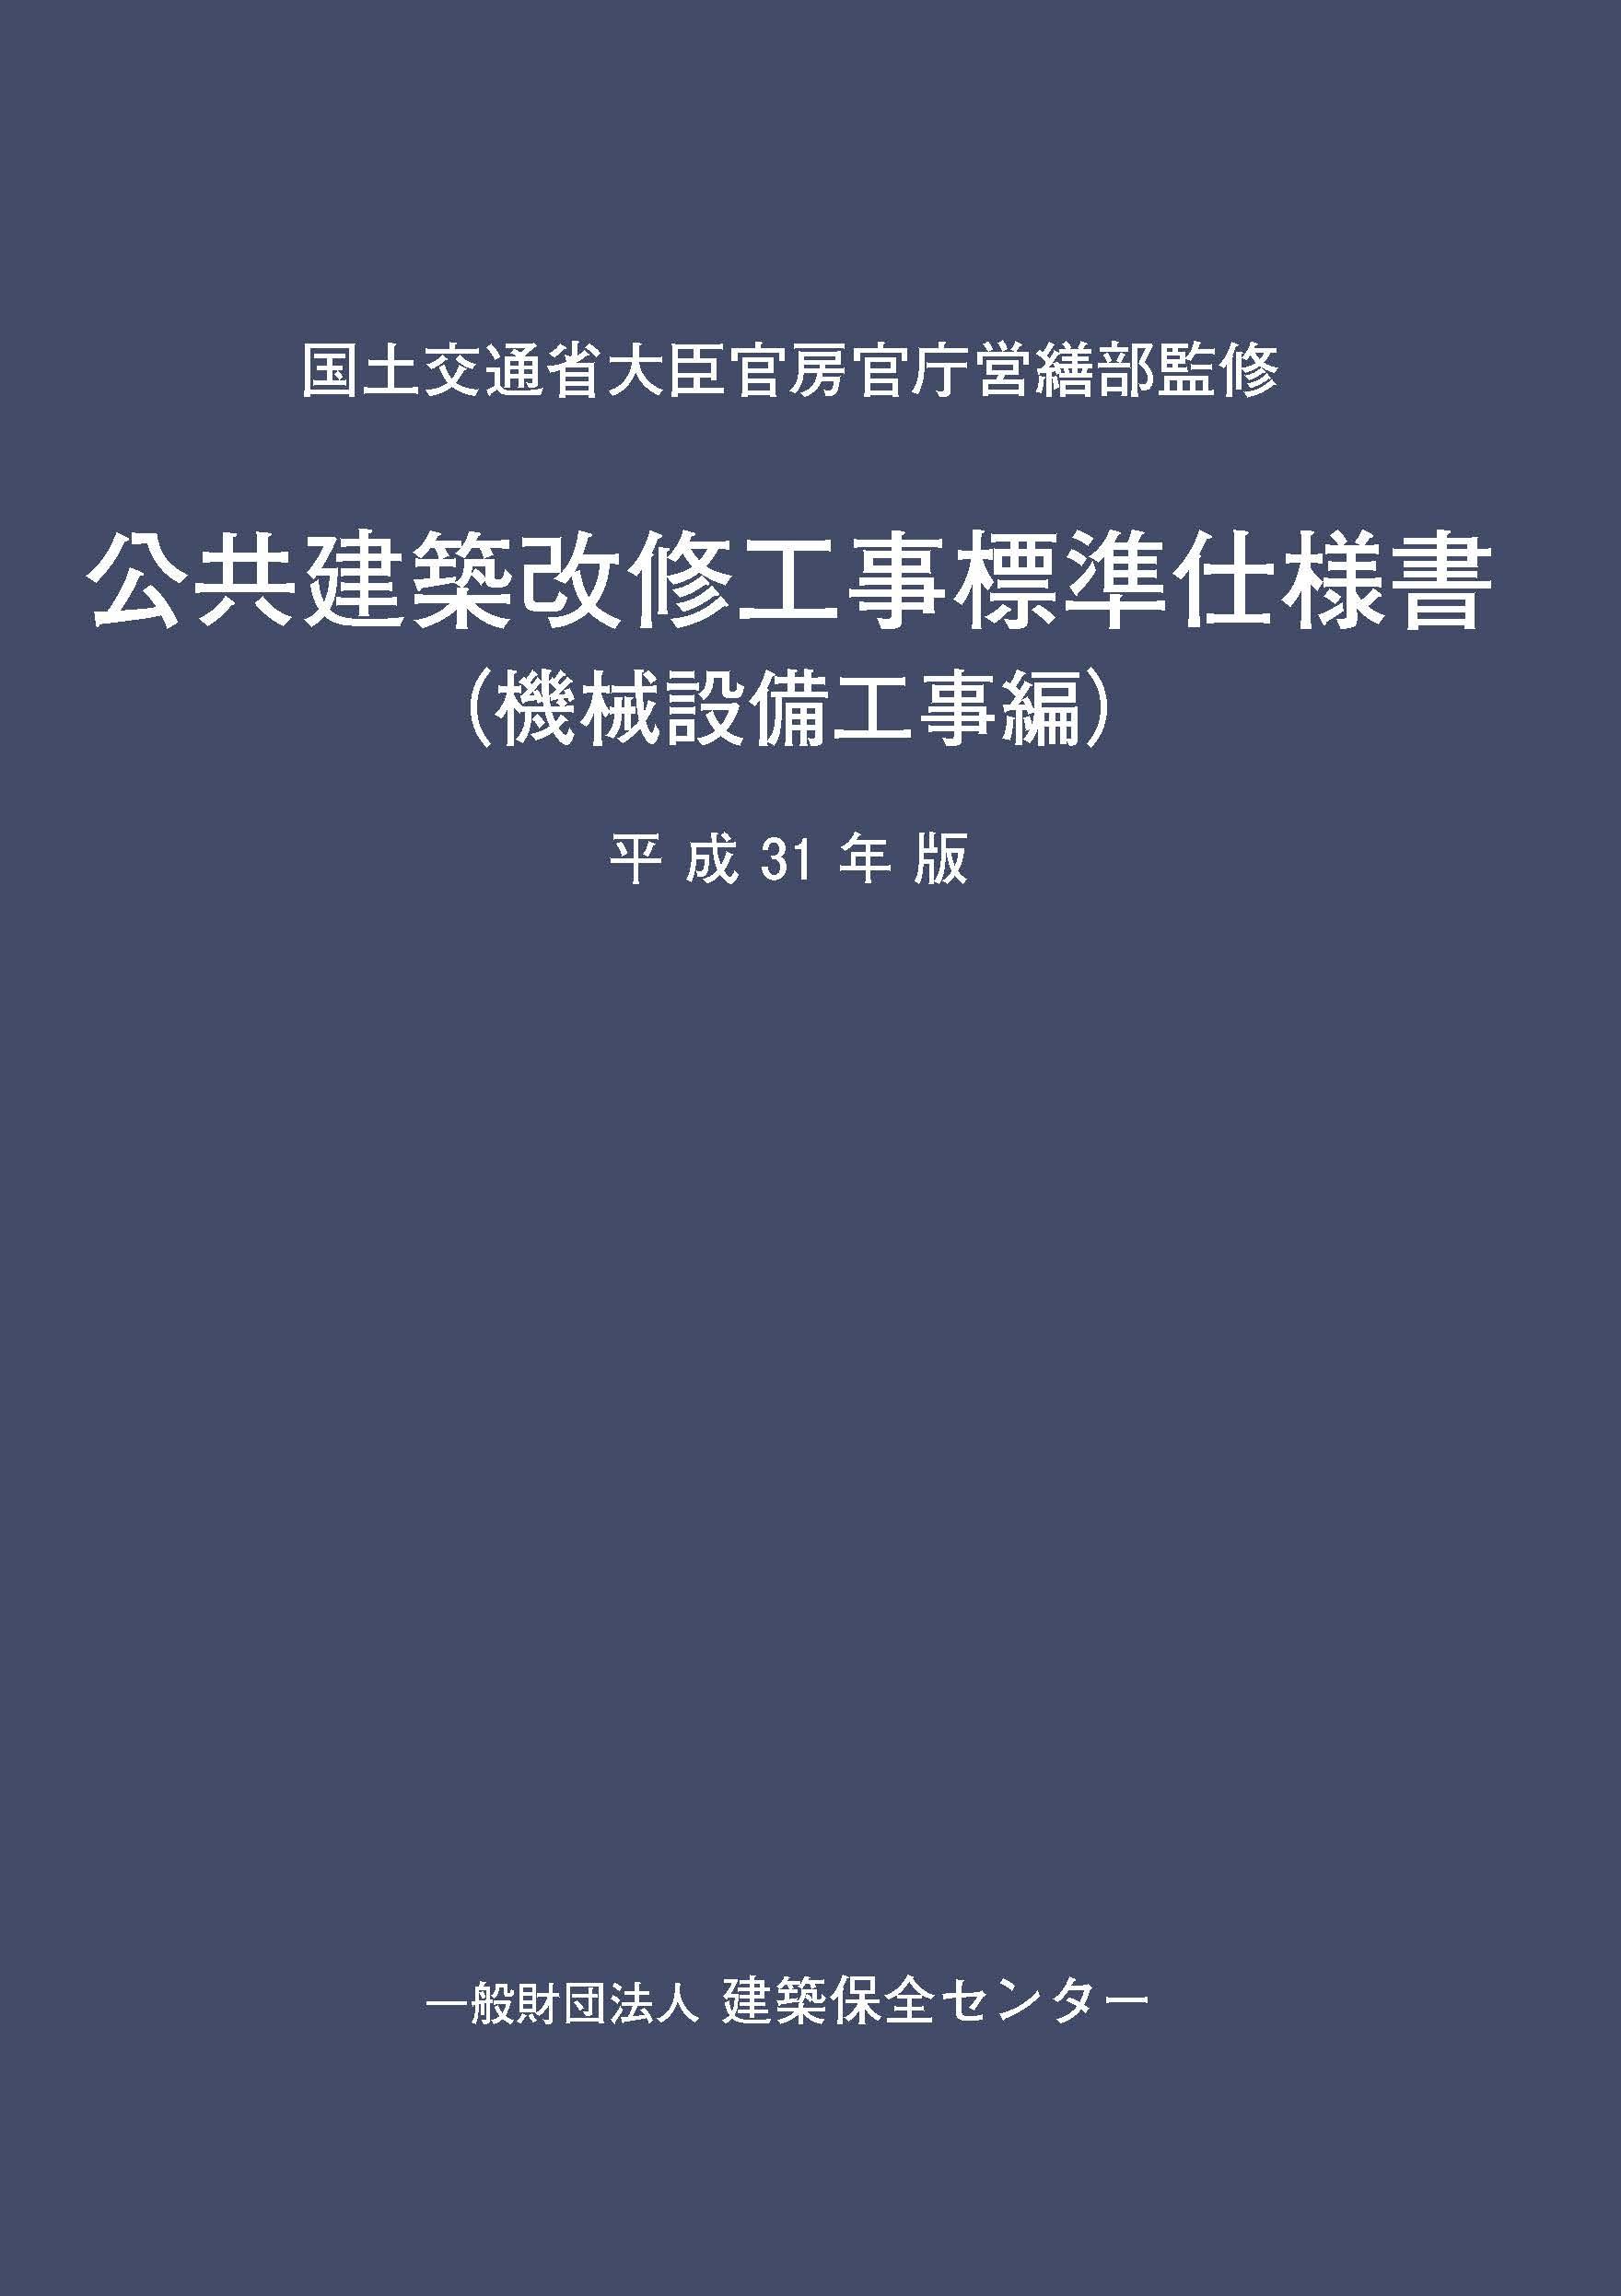 公共建築改修工事標準仕様書(機械設備工事編)平成31年版